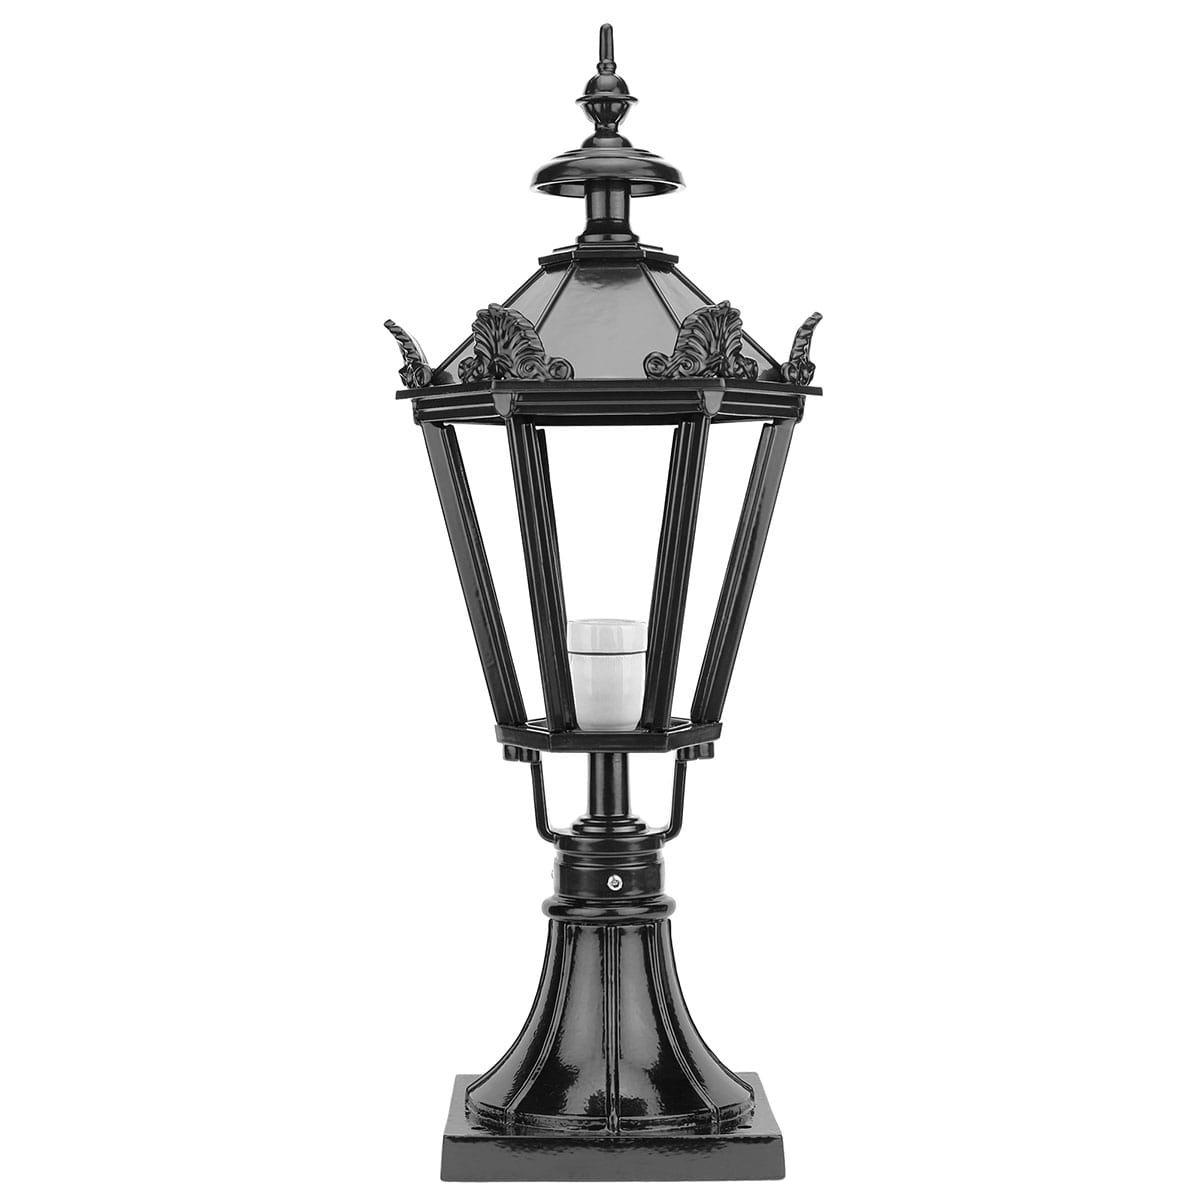 Buitenverlichting Klassiek Landelijk Terraslamp Winsum met kronen - 79 cm